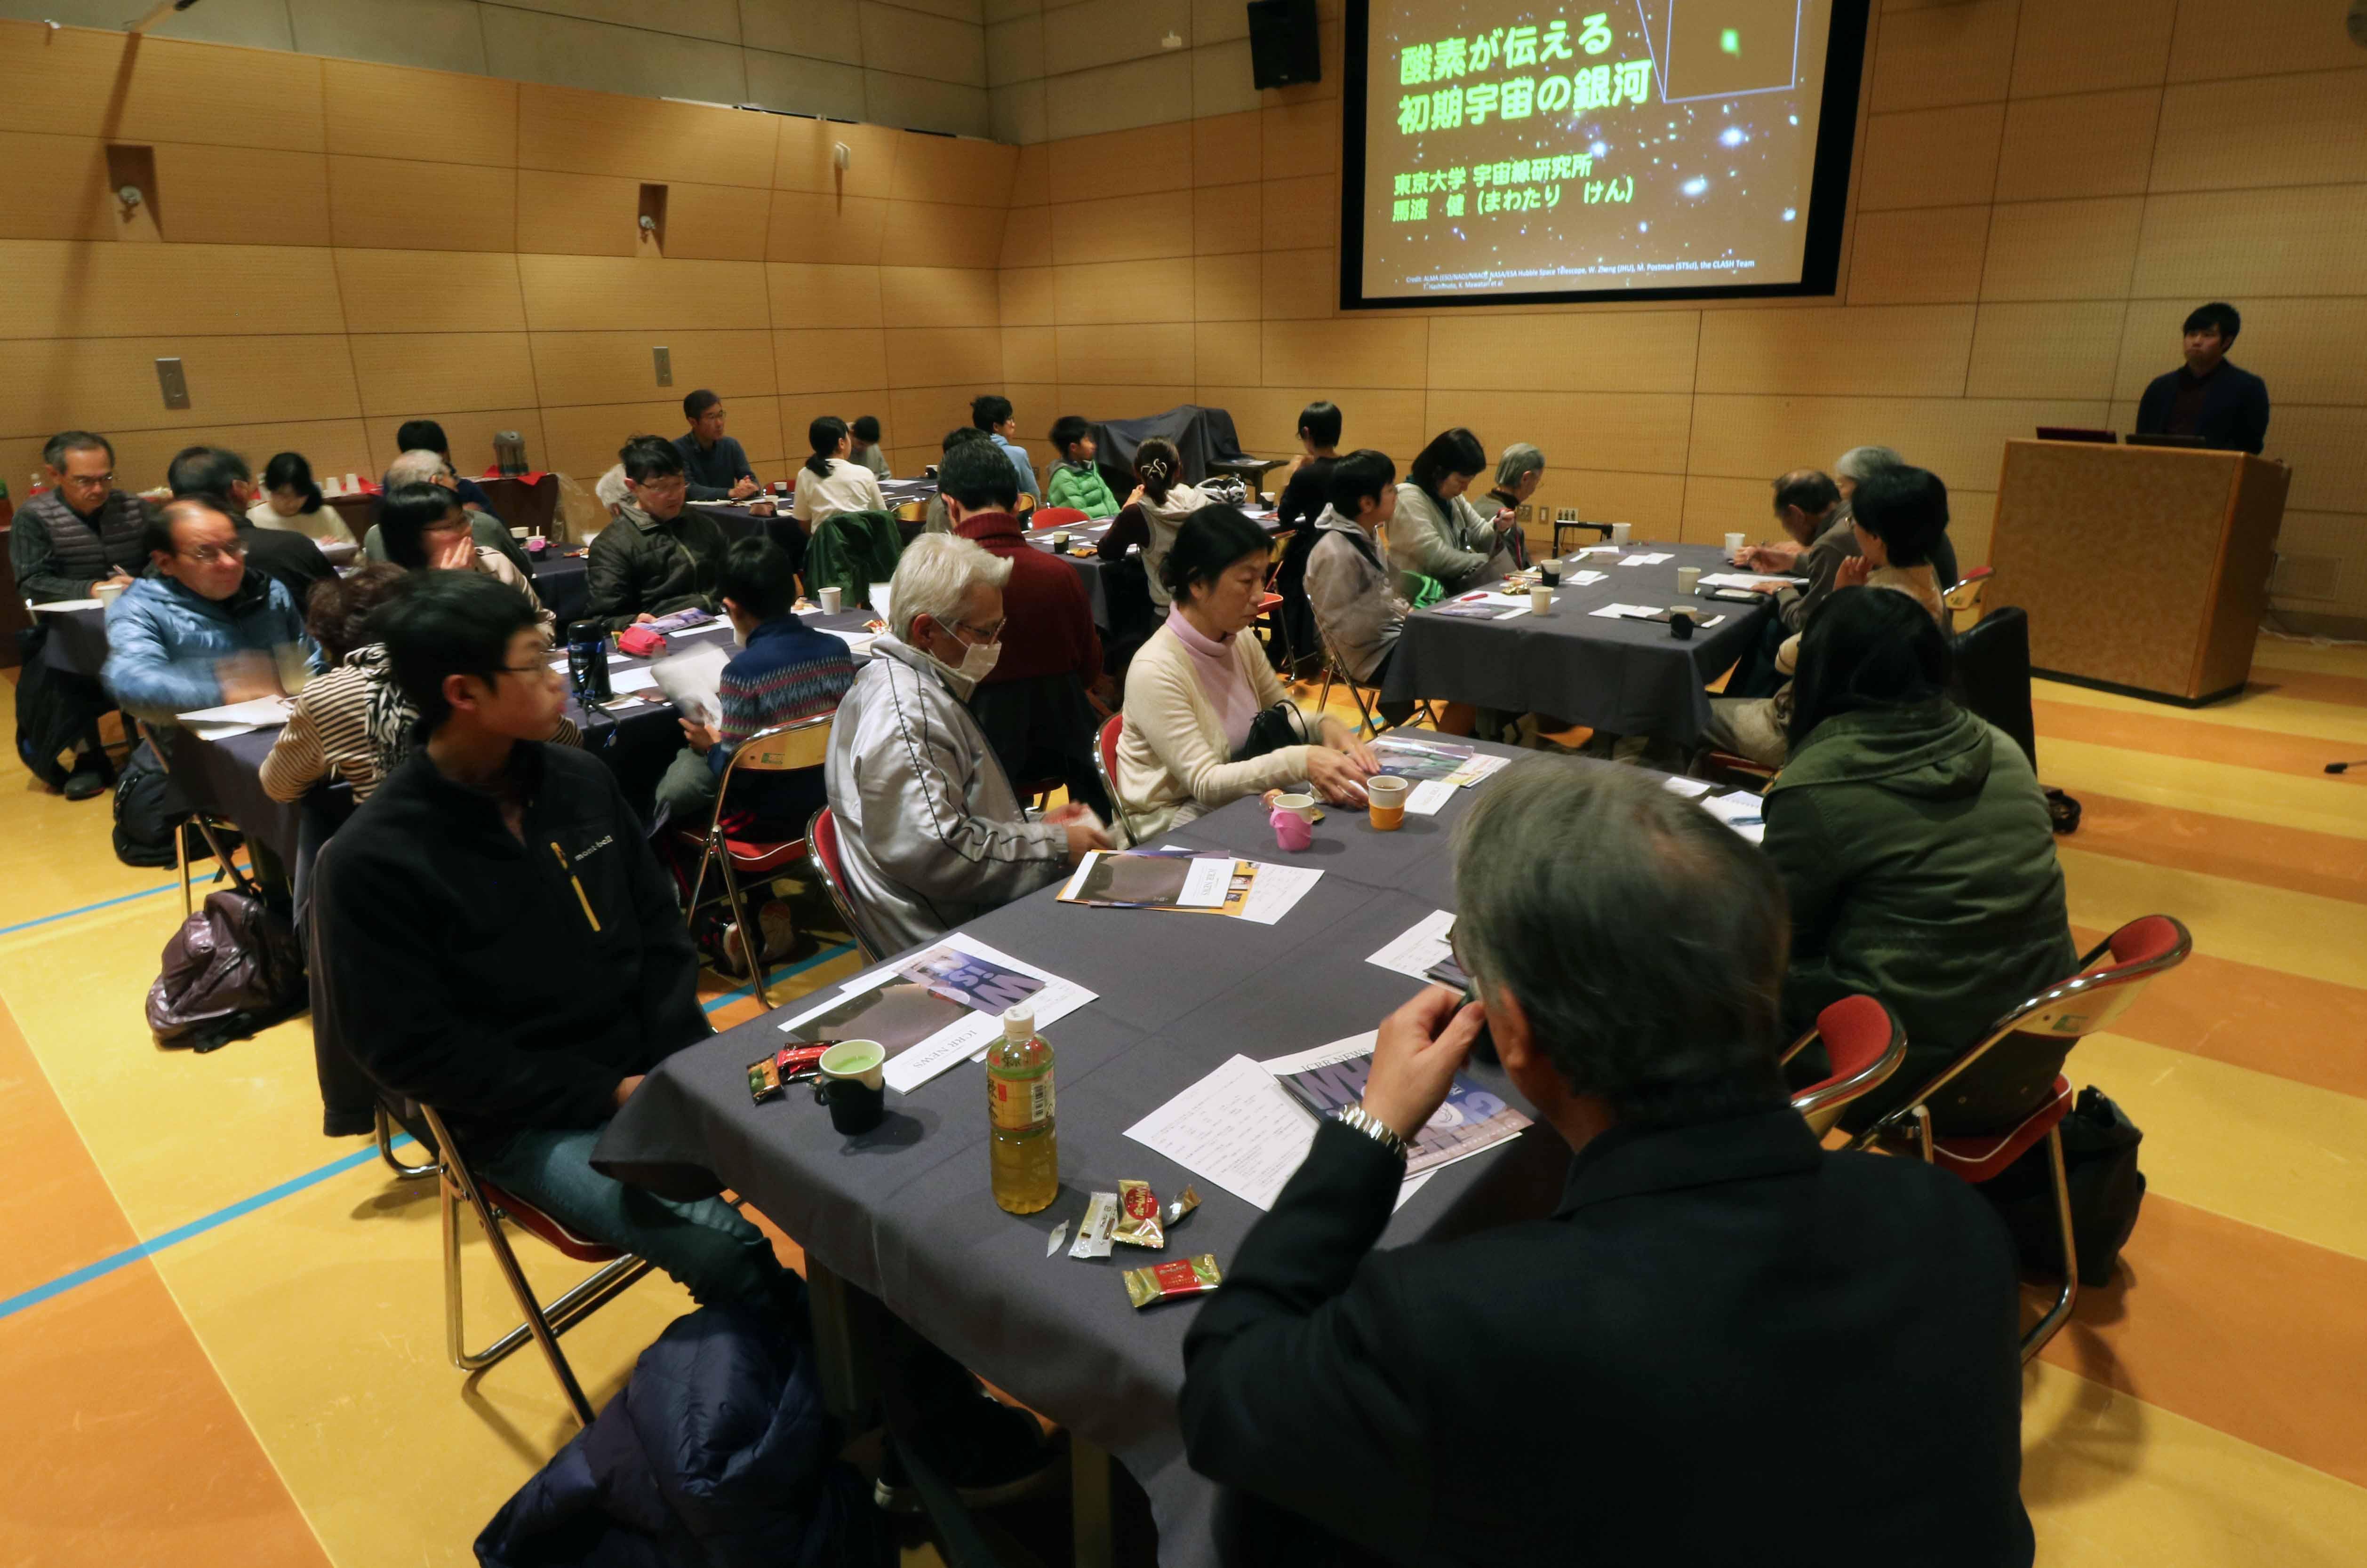 カフェに集まり、熱心に耳を傾ける34人の市民